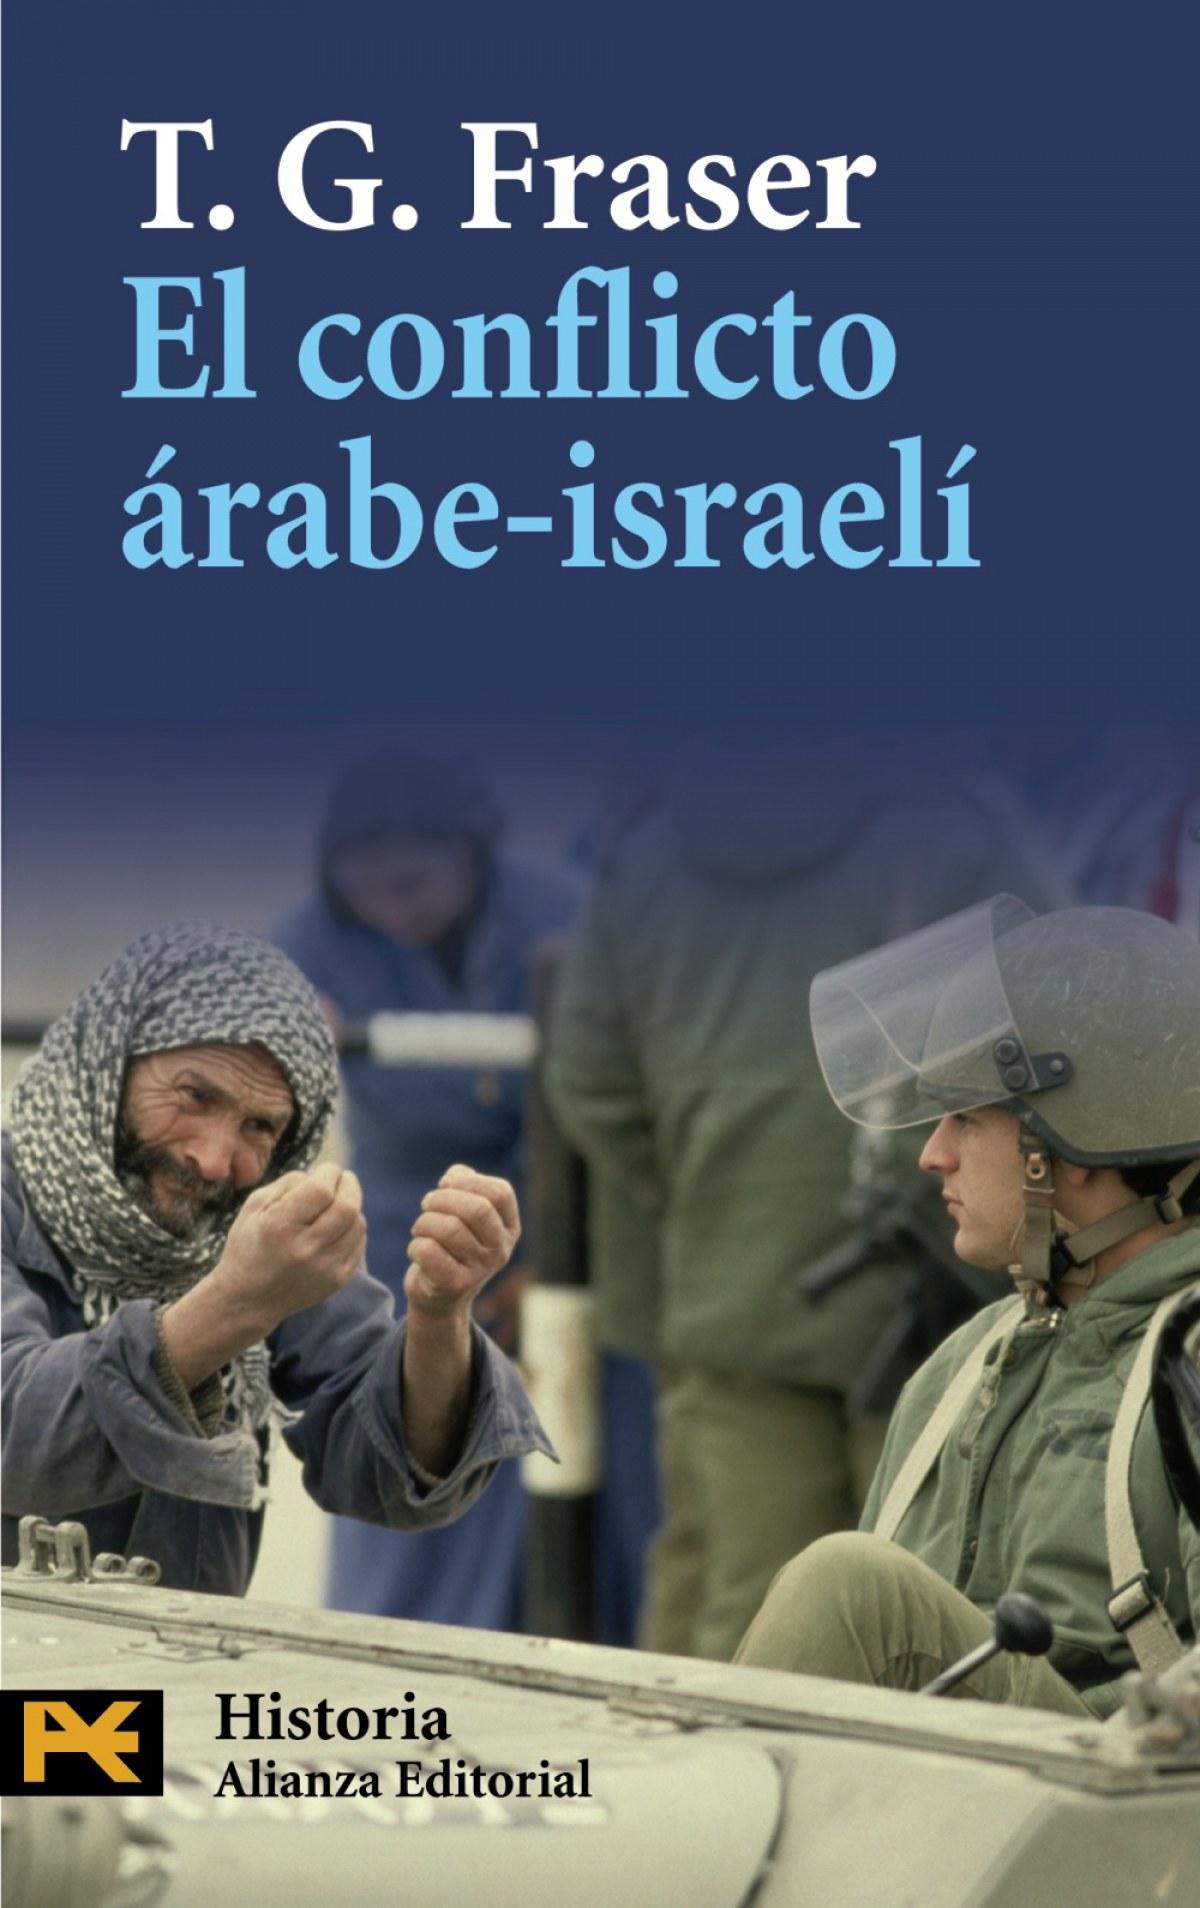 El conflicto Arabe-Israelí 9788420668499